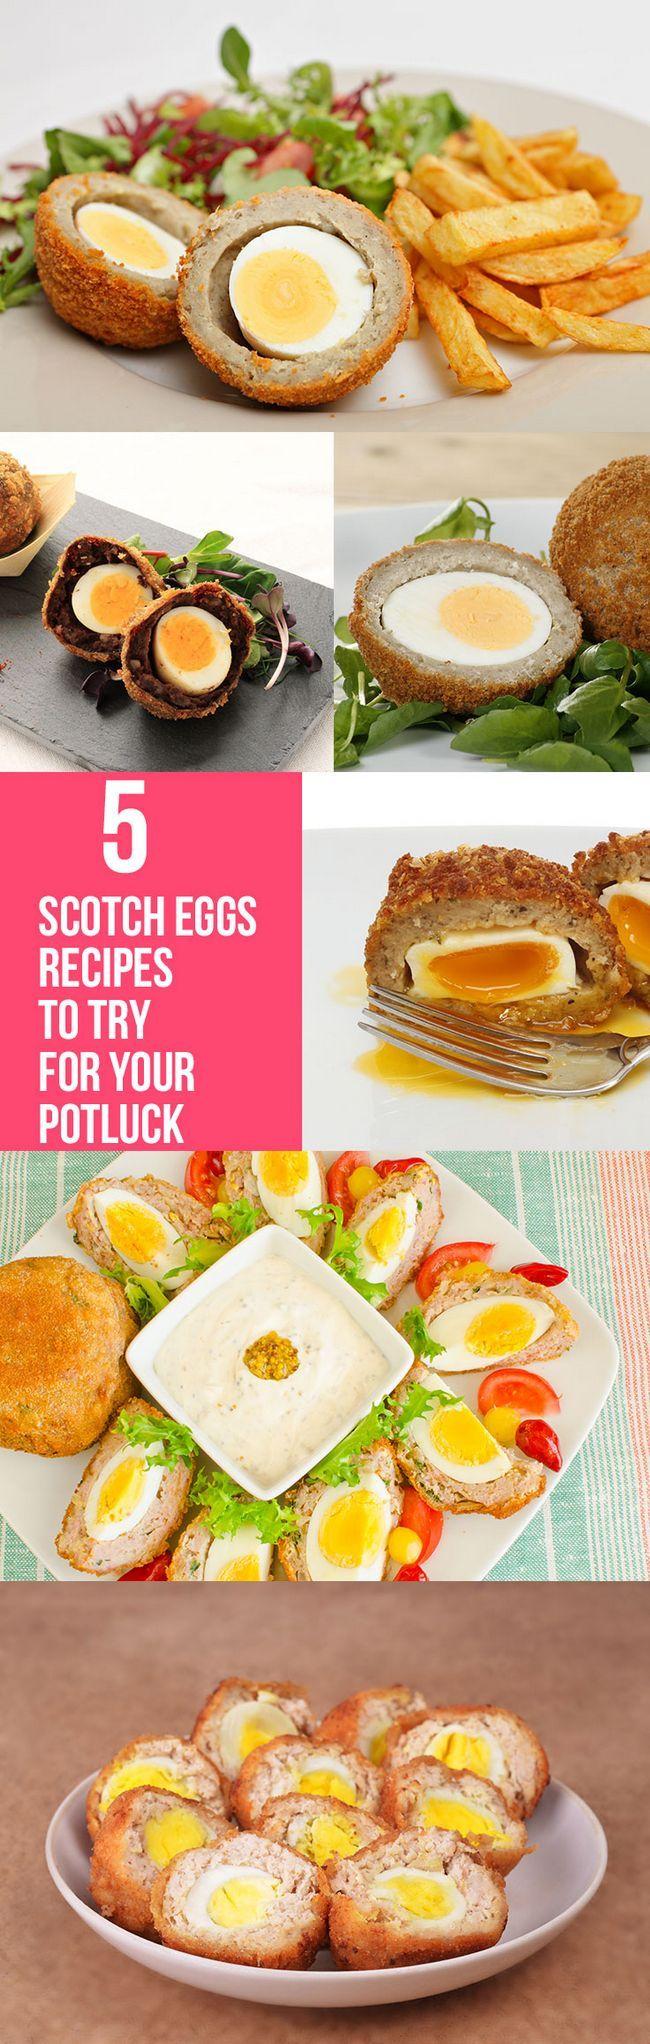 Top 5 Scotch Egg Rezepte für Ihre potluck versuchen